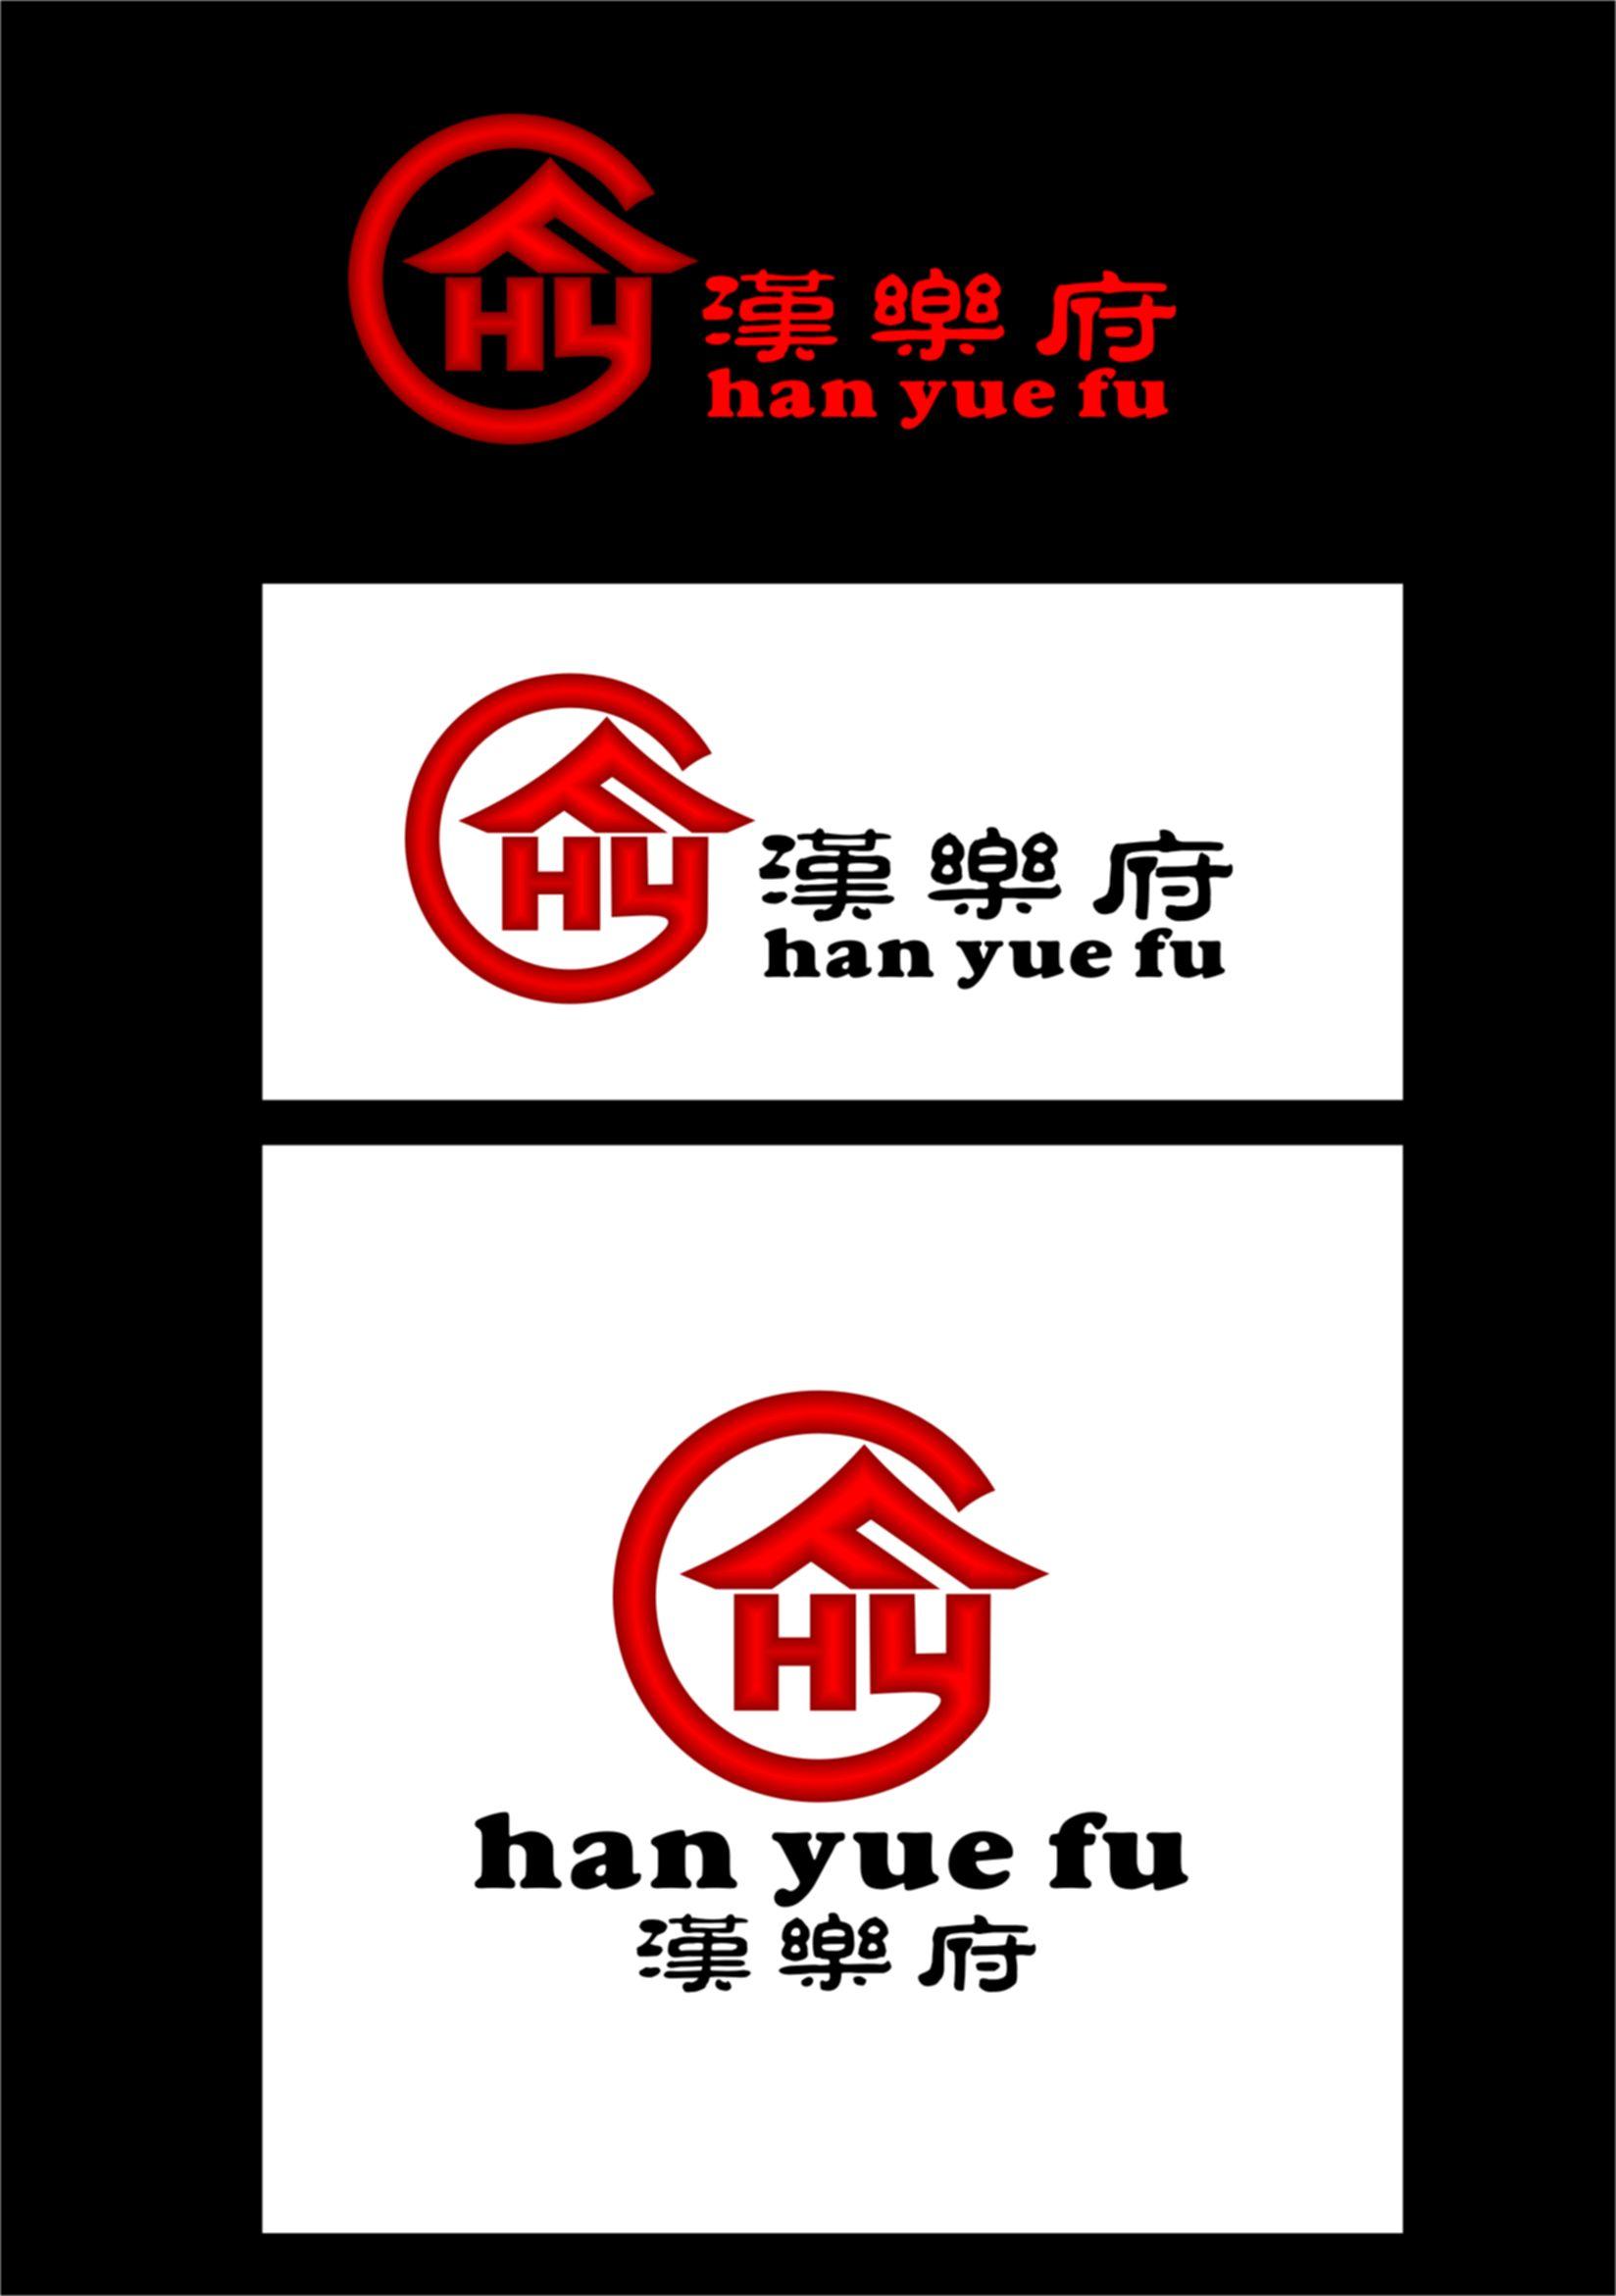 上海汉乐府红木家具的标志设计